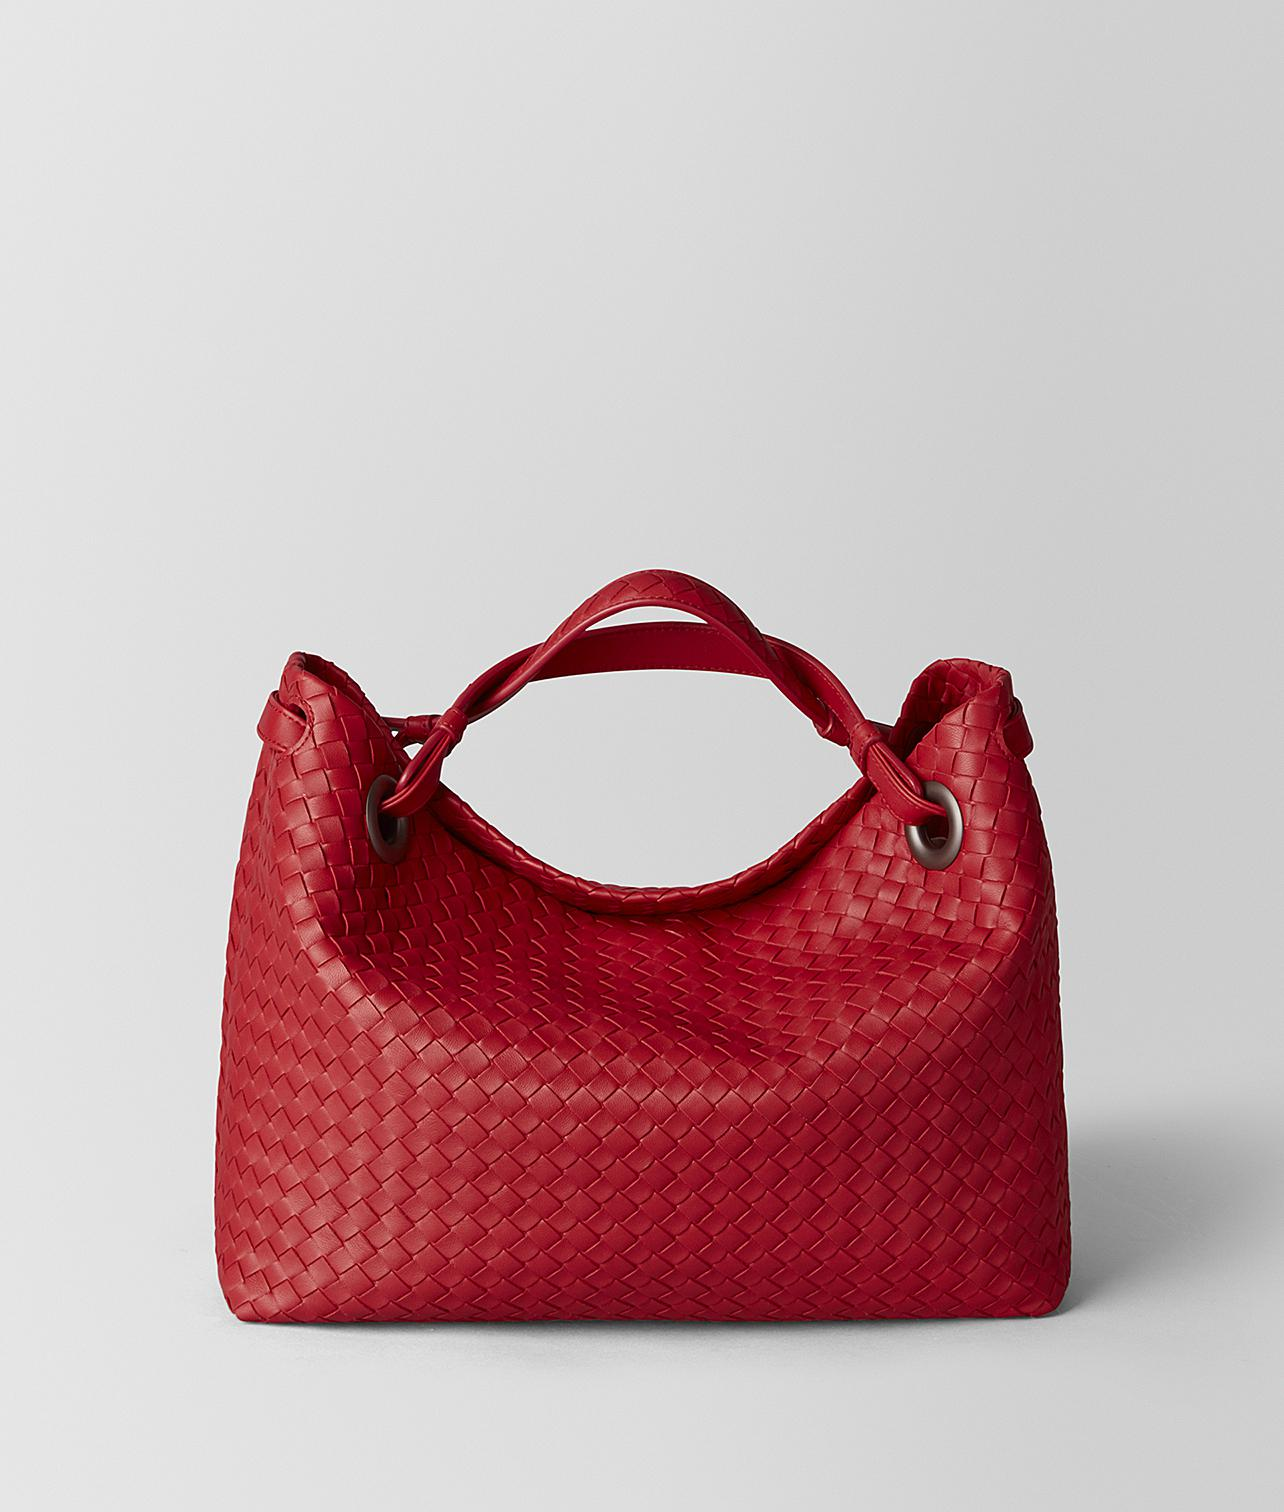 a389670d9a Lyst - Bottega Veneta Billfold In Nappa Bicolor in Red - Save 5%